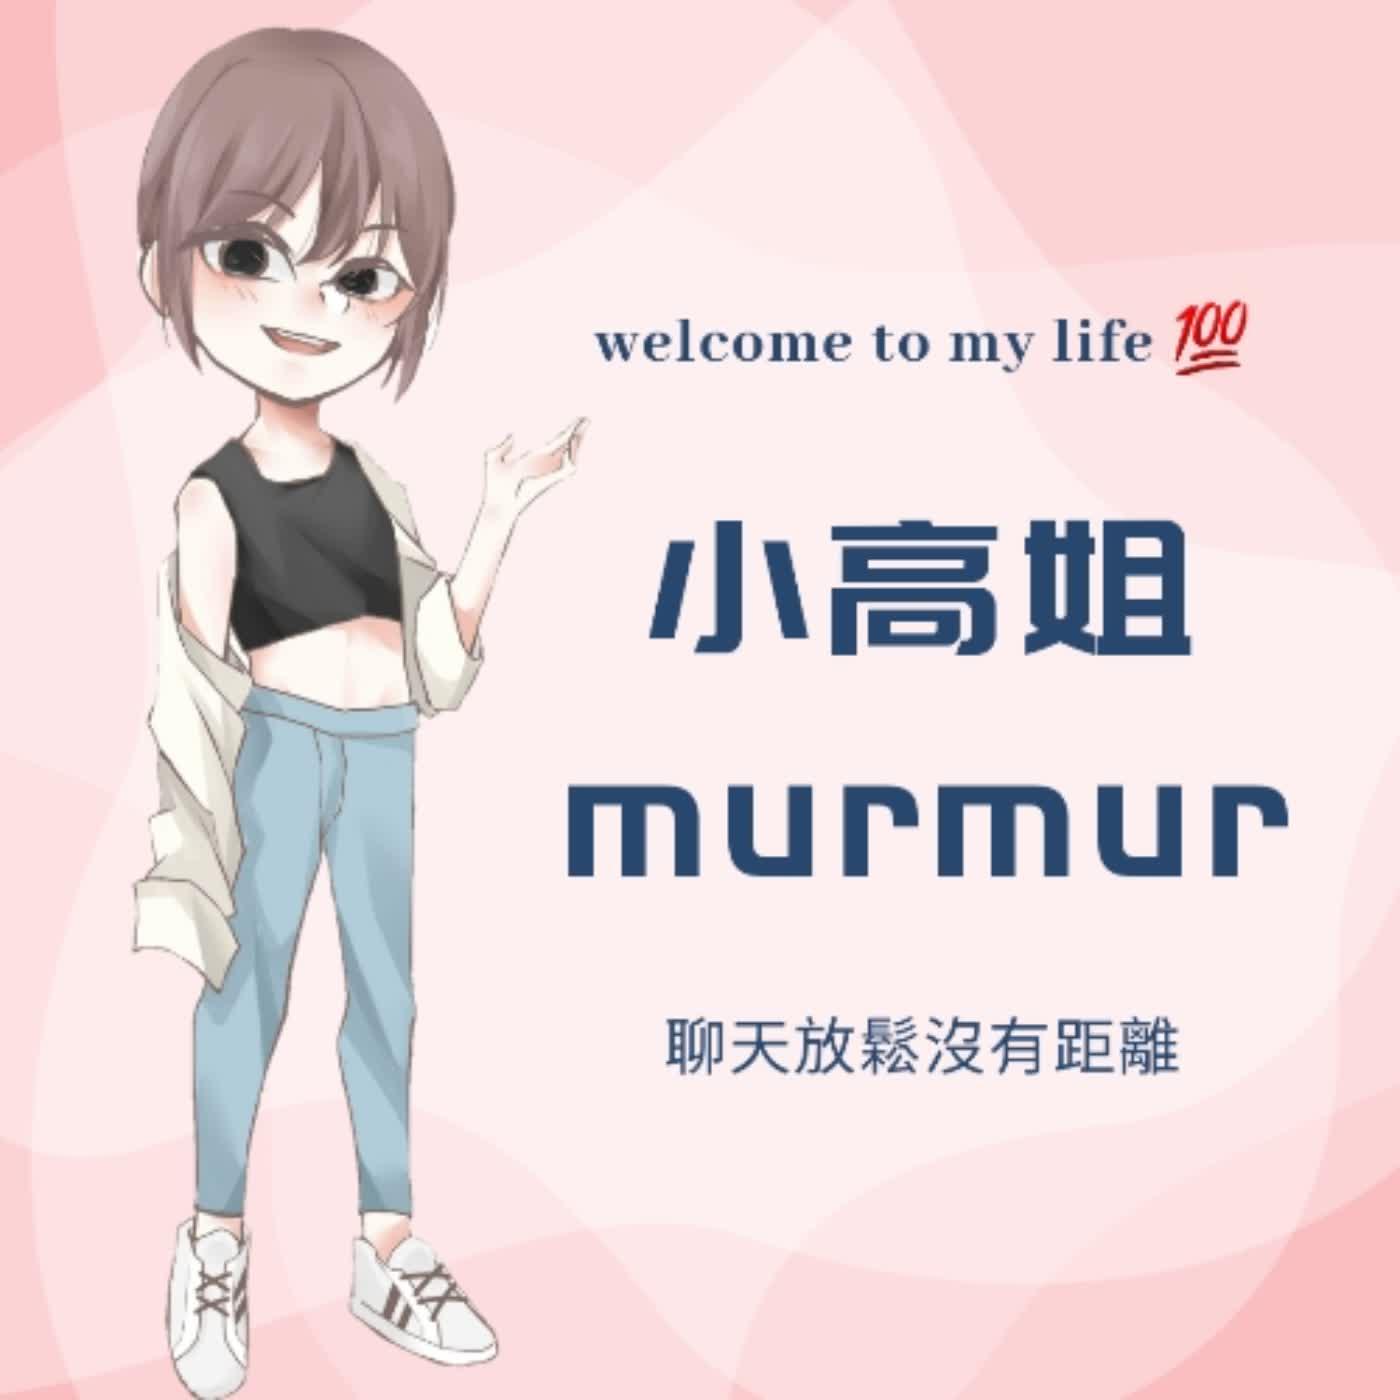 小高姐愛murmur